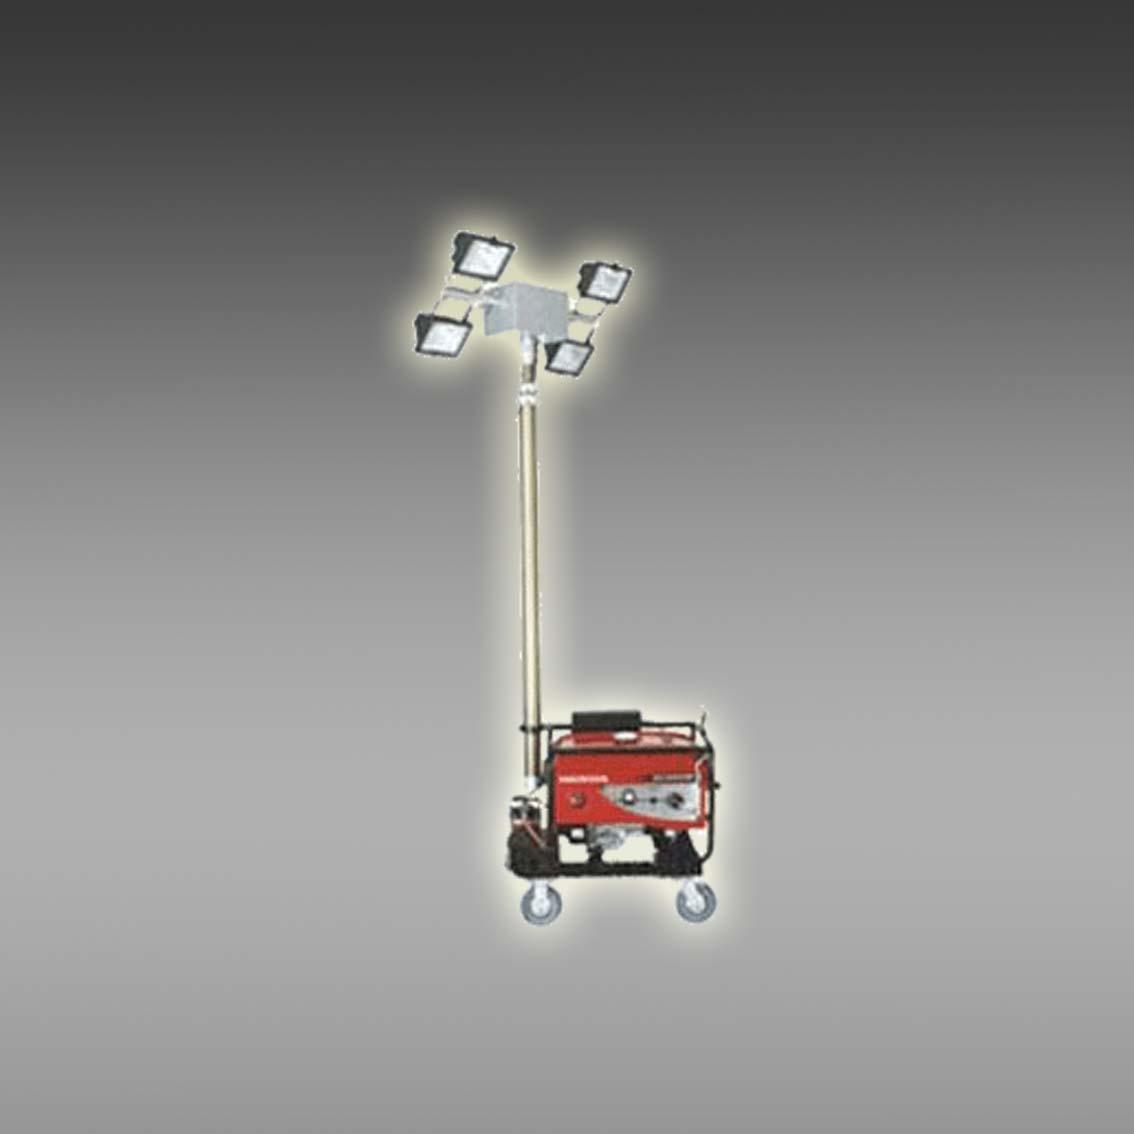 全方位遥控自动升降工作灯 YDM5110